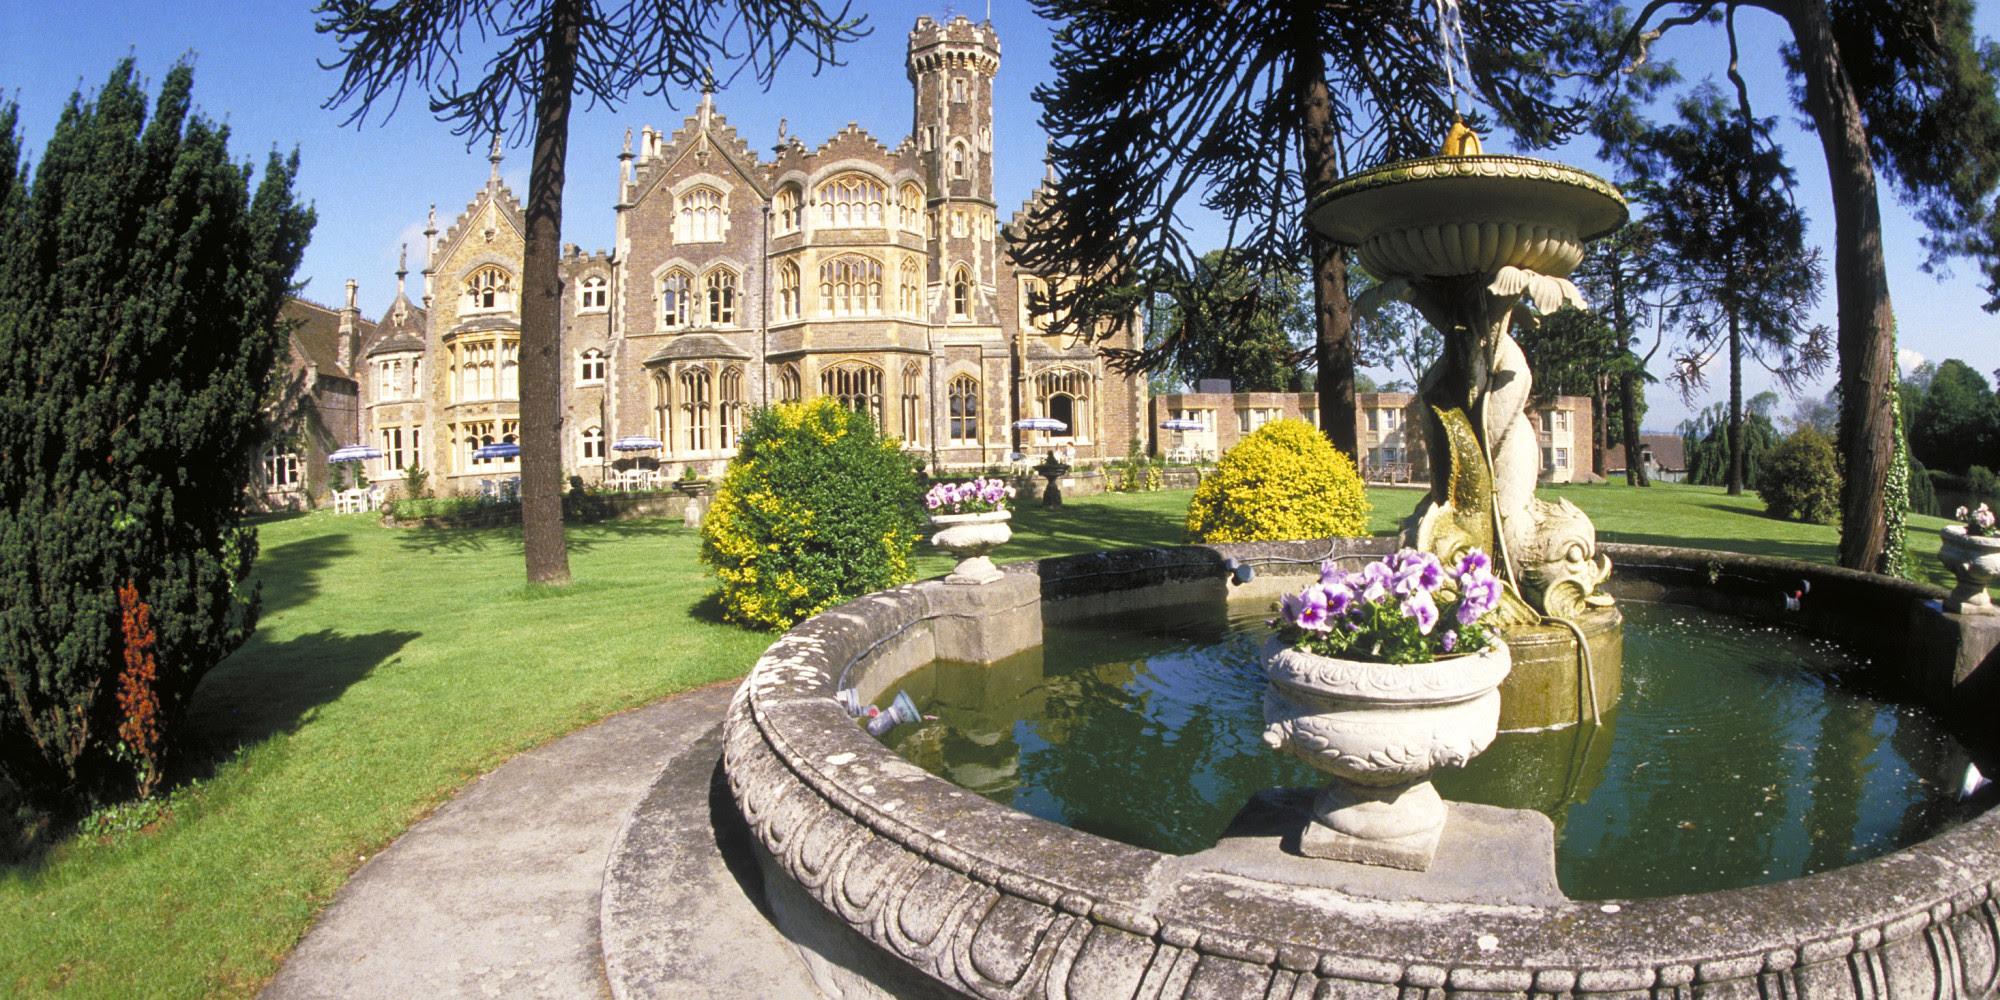 Great Weekend Getaways Countryside Spa Hotels  HuffPost UK